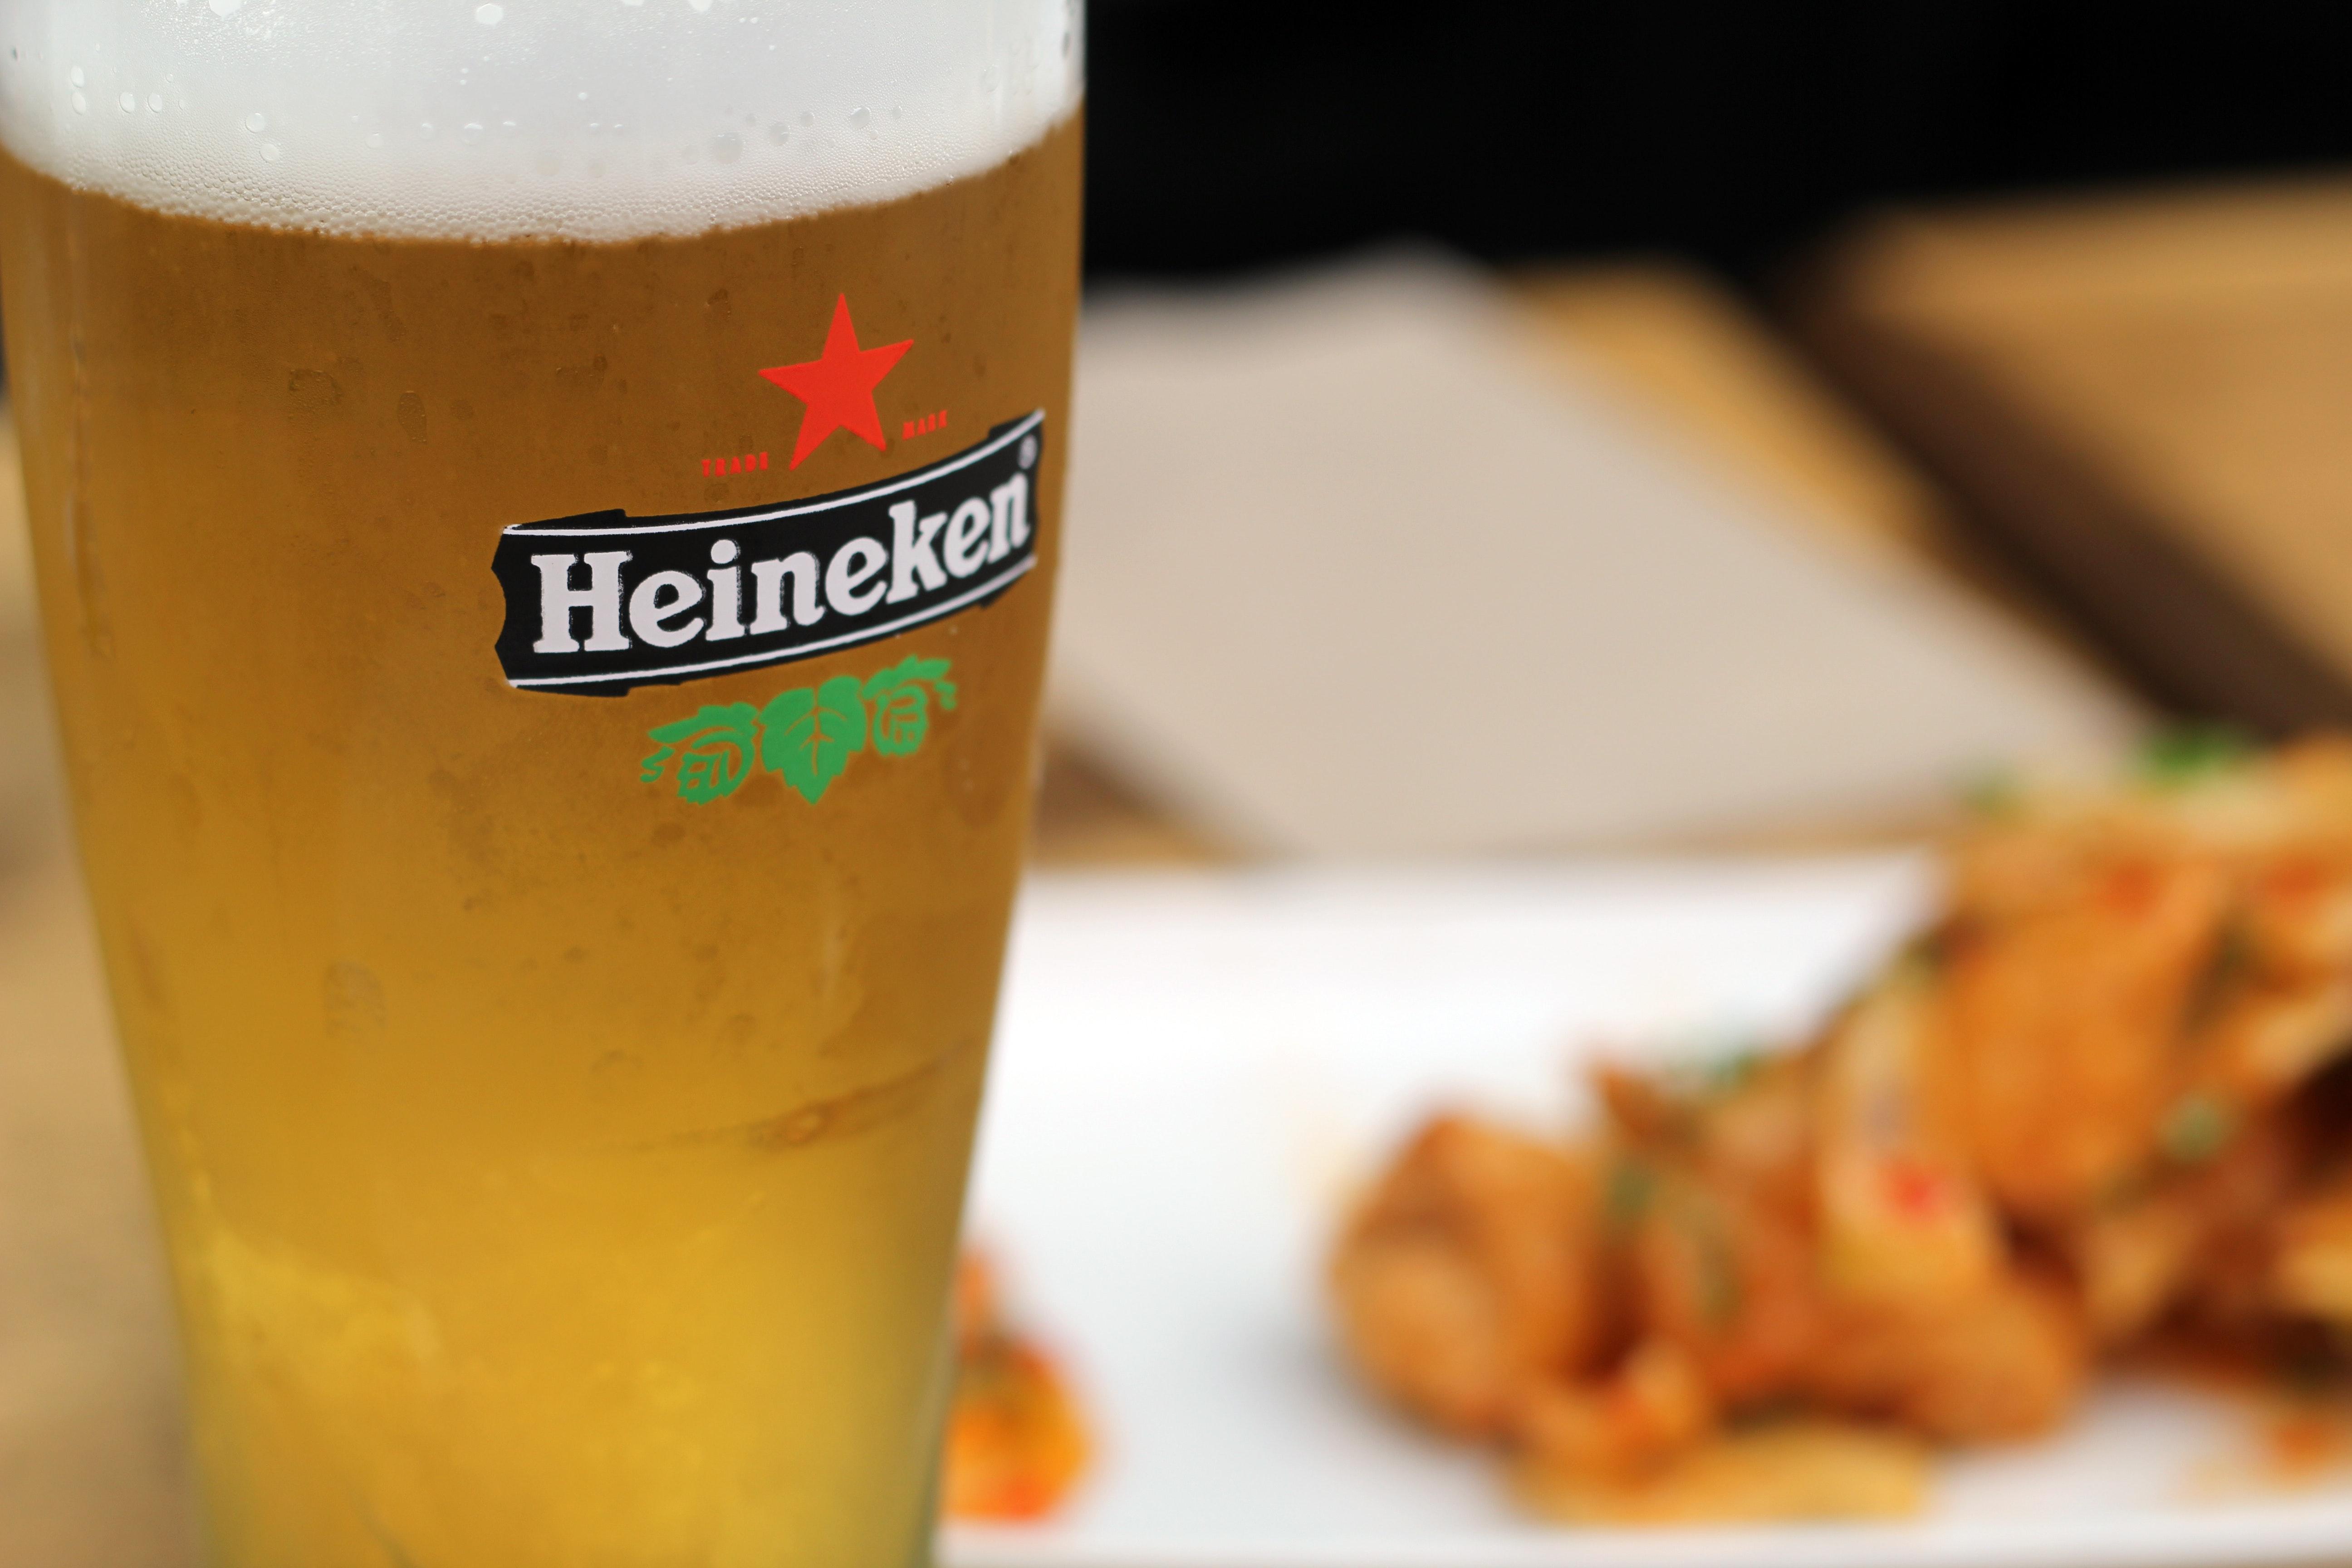 Biertje drinken in de kroeg? Tot 00.00 uur ben je welkom!